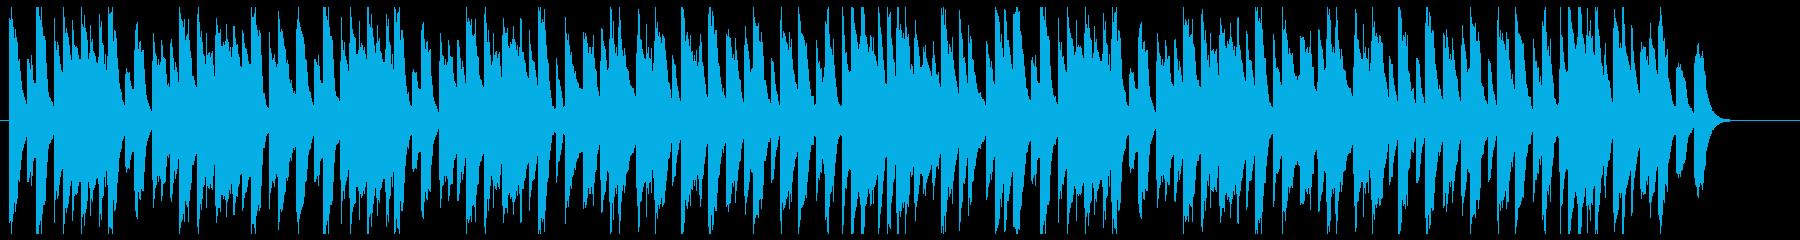 ゆったりしたア古いジャズピアノの再生済みの波形